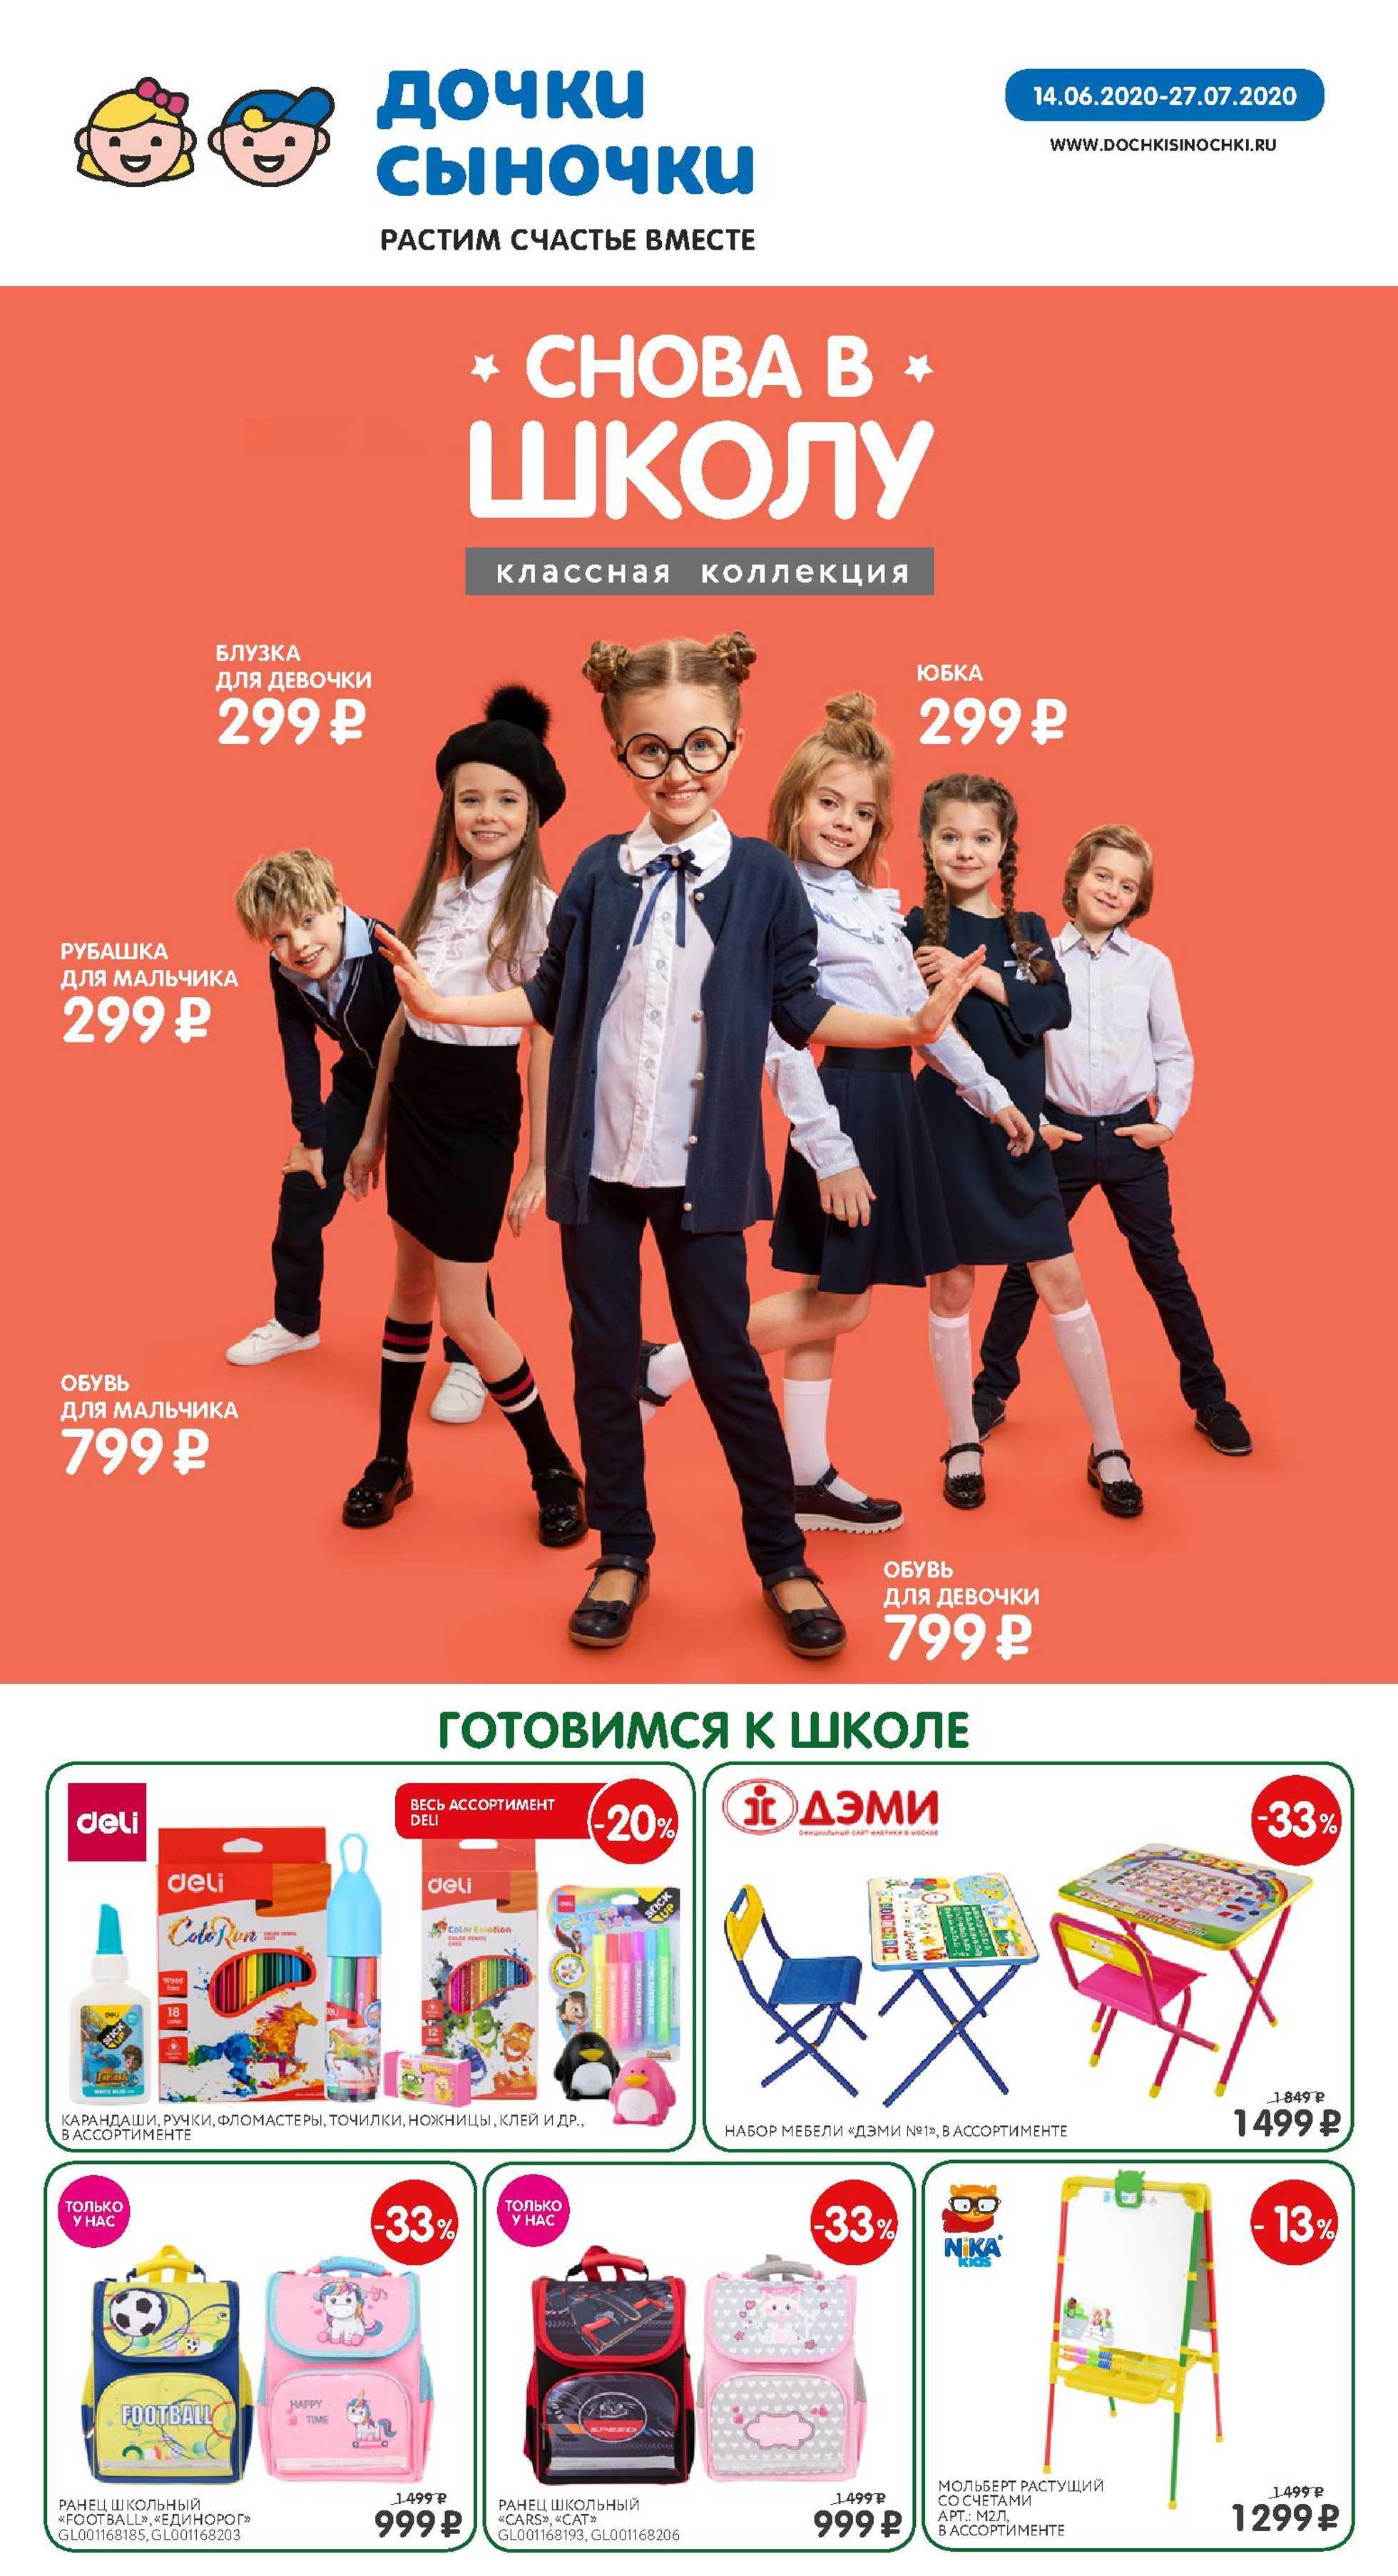 Дочки Сыночки - каталог действителен с 14.07.2020 по 27.07.2020 - страница 1.